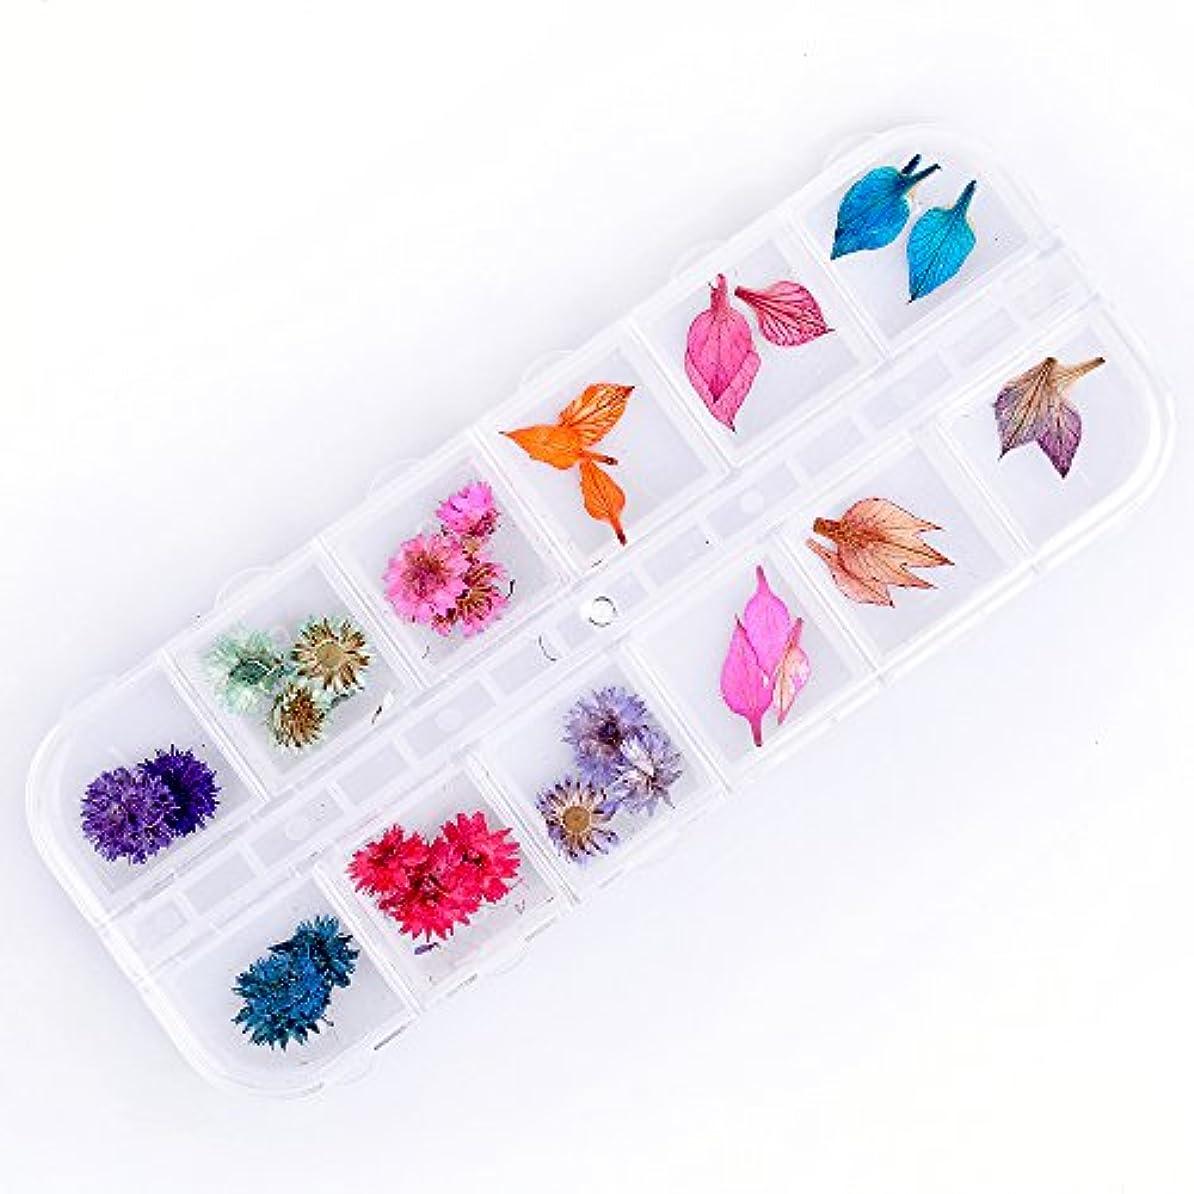 振りかけるストライク木曜日Takarafune 押し花 ドライフラワー 葉 3Dネイル レジンデコレーション DIY ネイルパーツ 明収納ケース 2種類 各6色